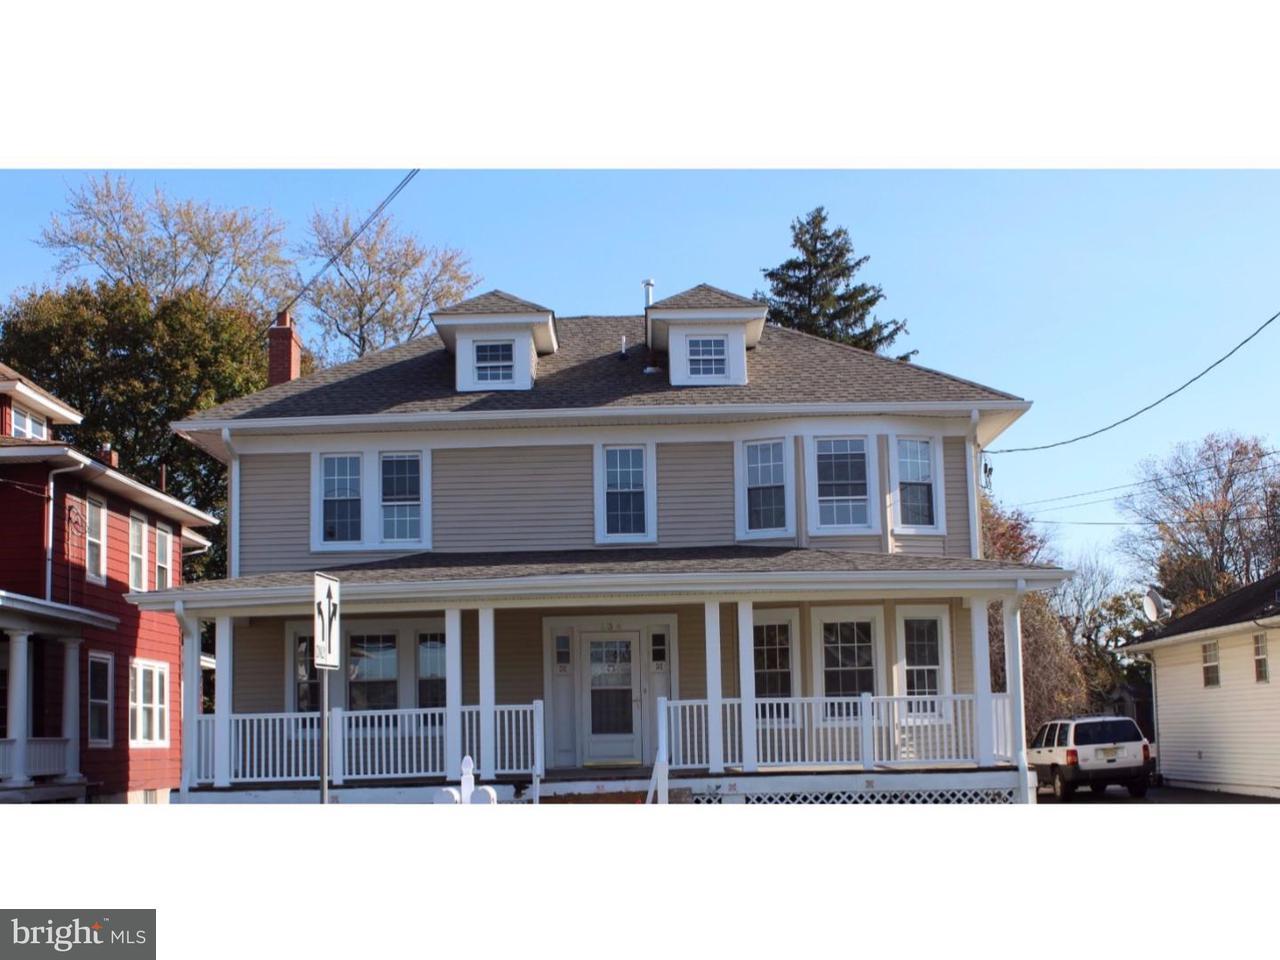 独户住宅 为 出租 在 134 KLOCKNER Road 汉密尔顿, 新泽西州 08619 美国在/周边: Hamilton Township